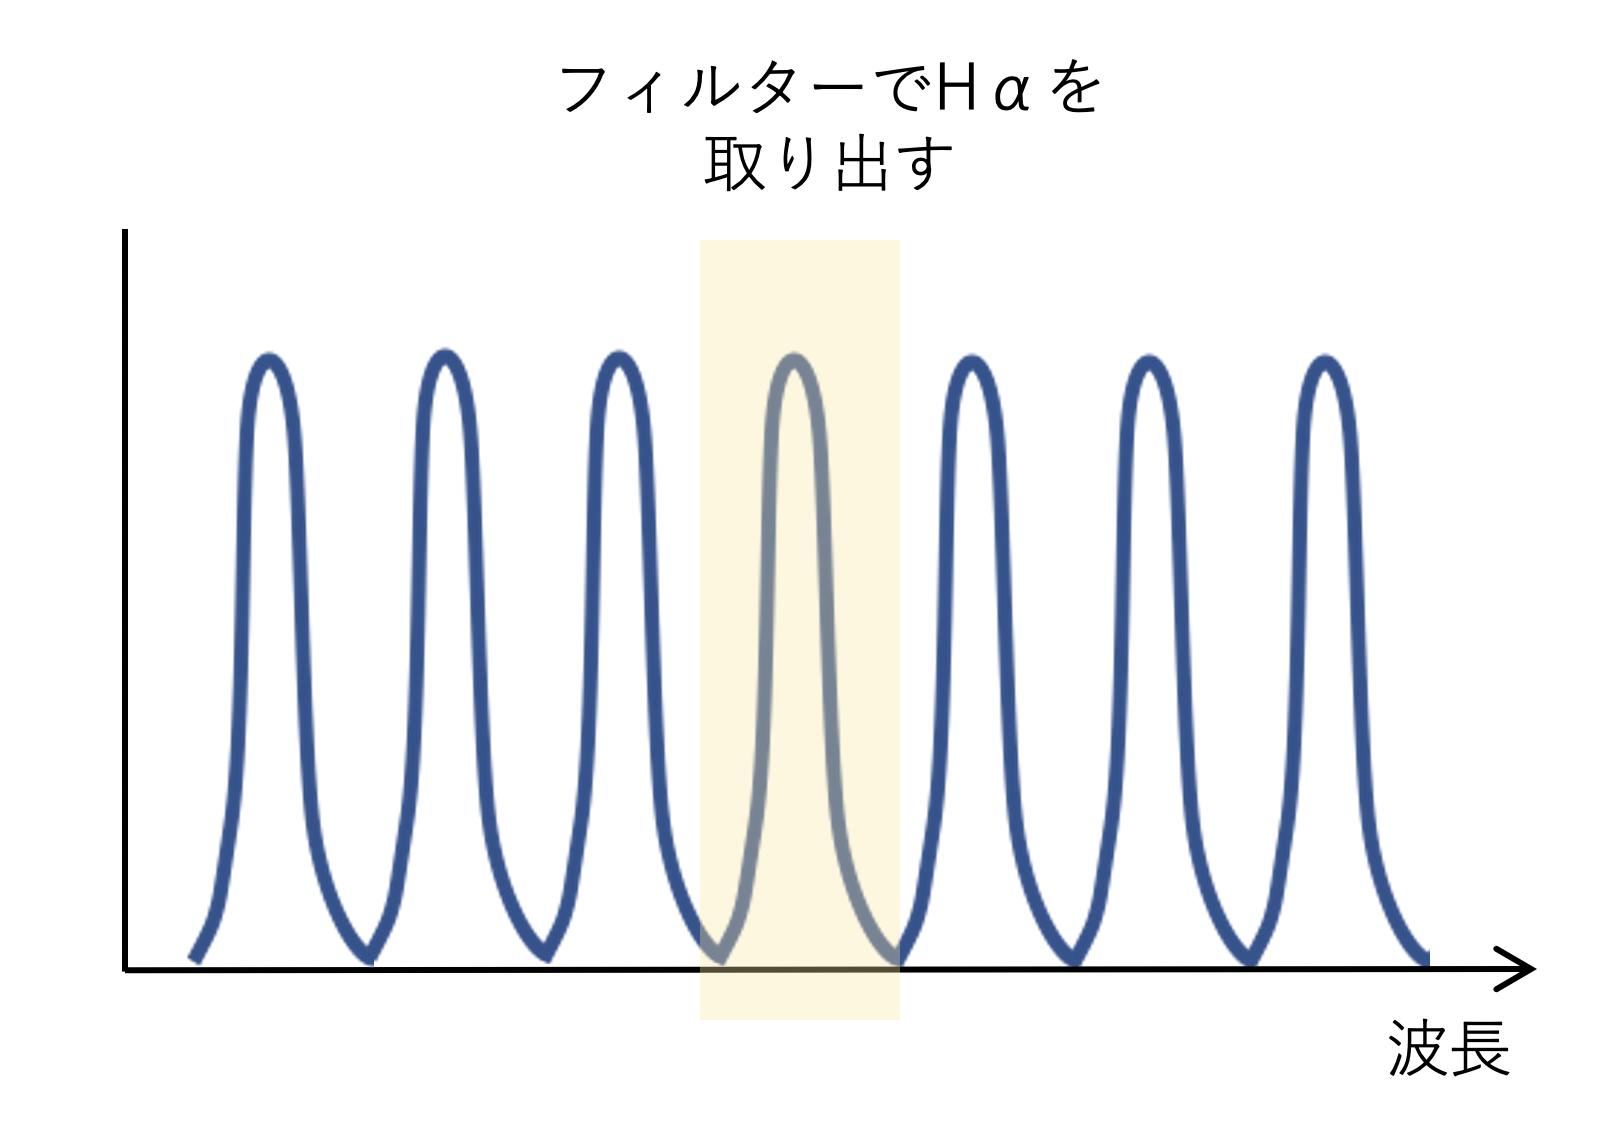 エタロンを通過する光の波長